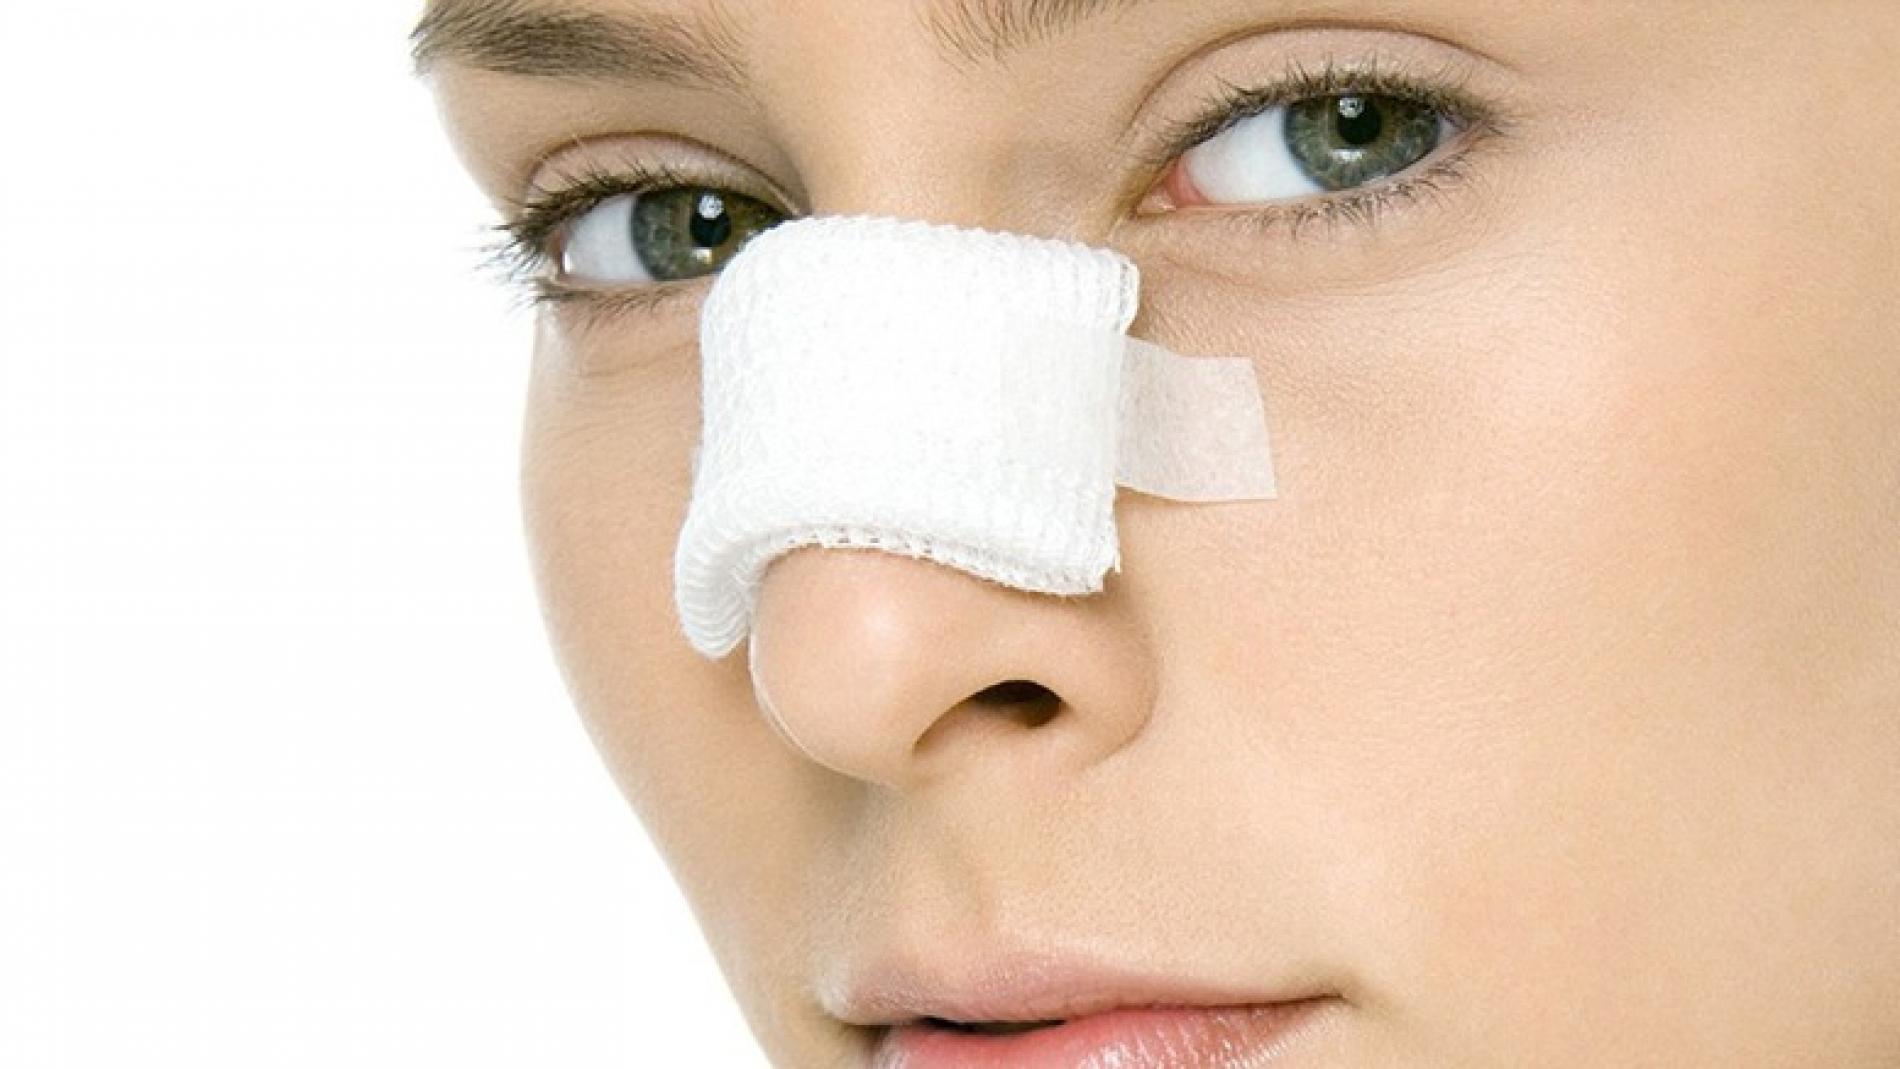 clinica de cirurgia plastica em santos dra. ana lucia rinoplastia